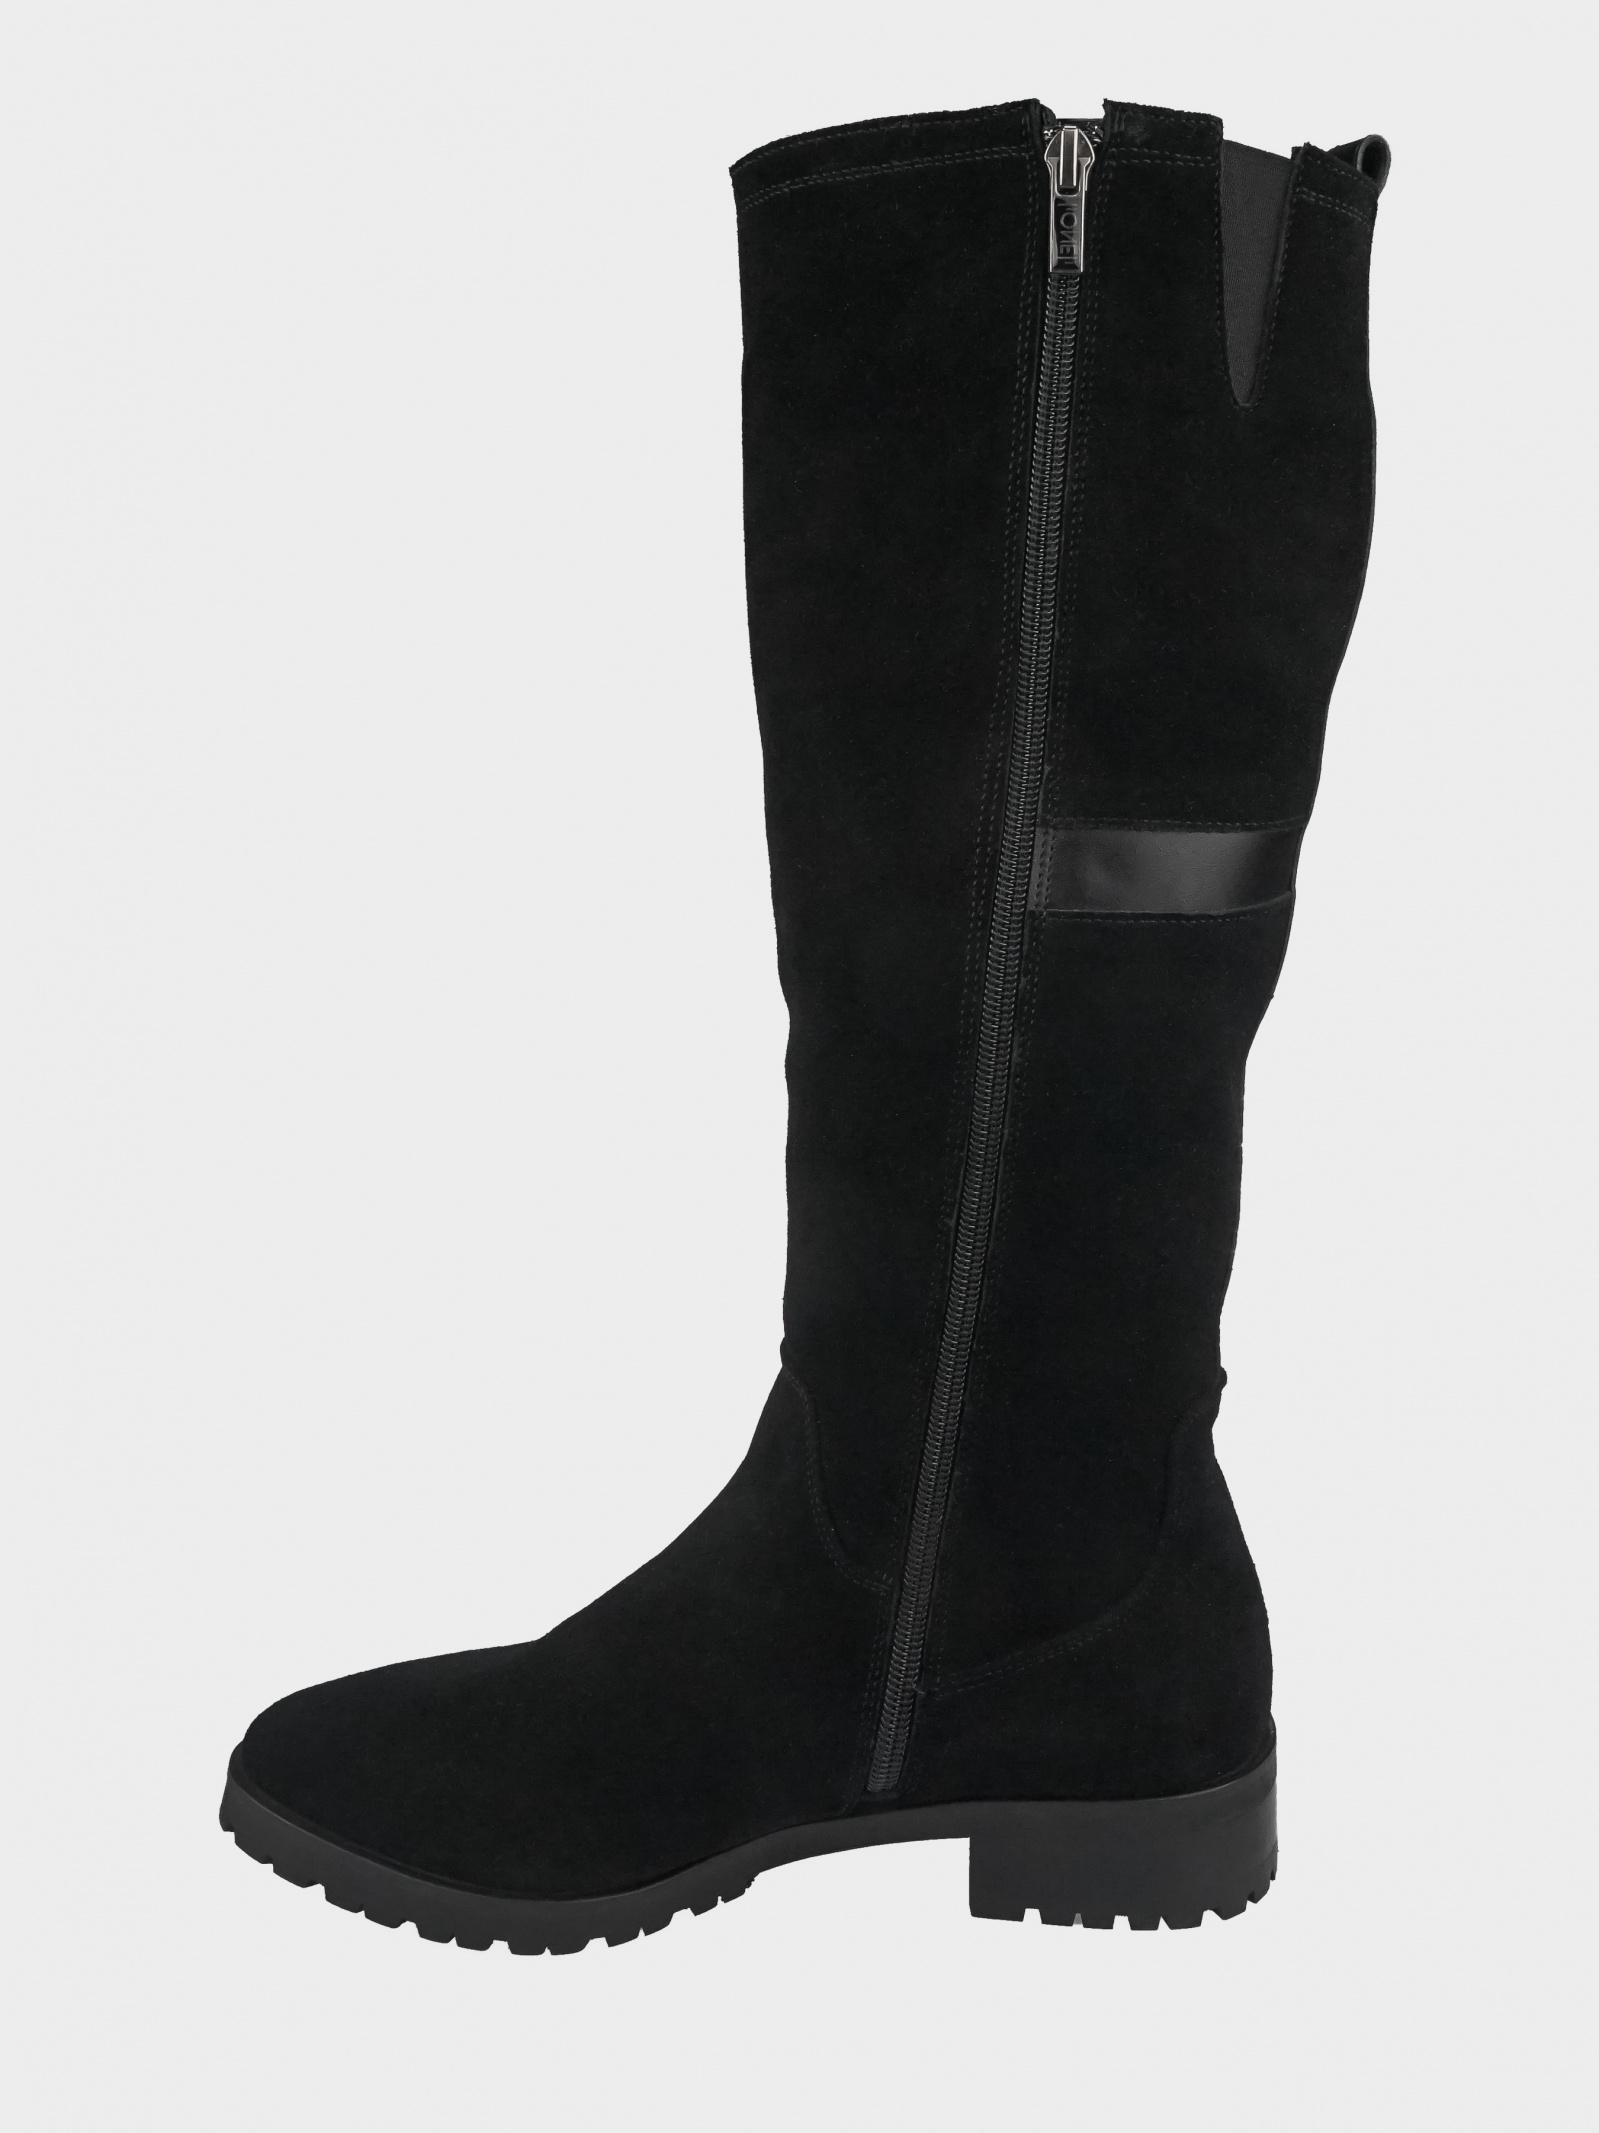 Сапоги женские Сапоги LZ6608-11 брендовые, 2017